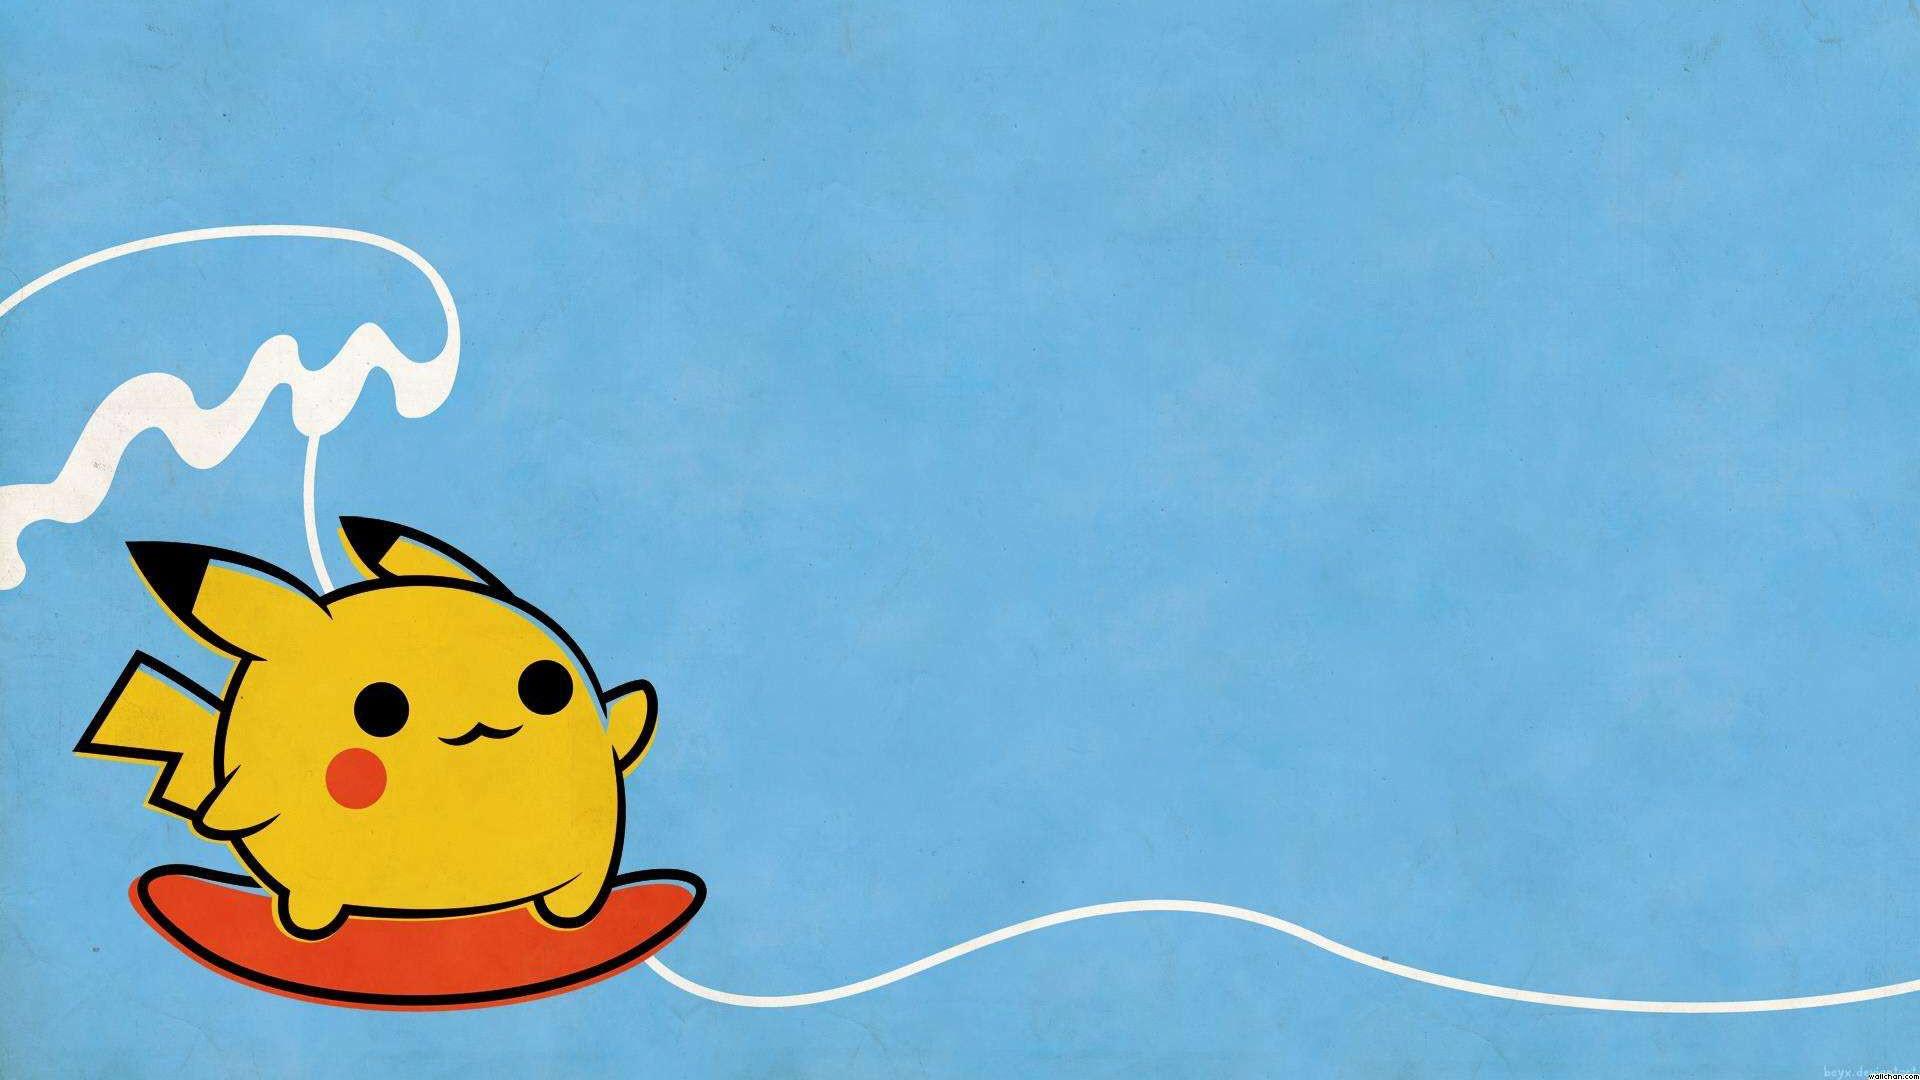 Ảnh nền Pikachu đáng yêu dễ thương nhất